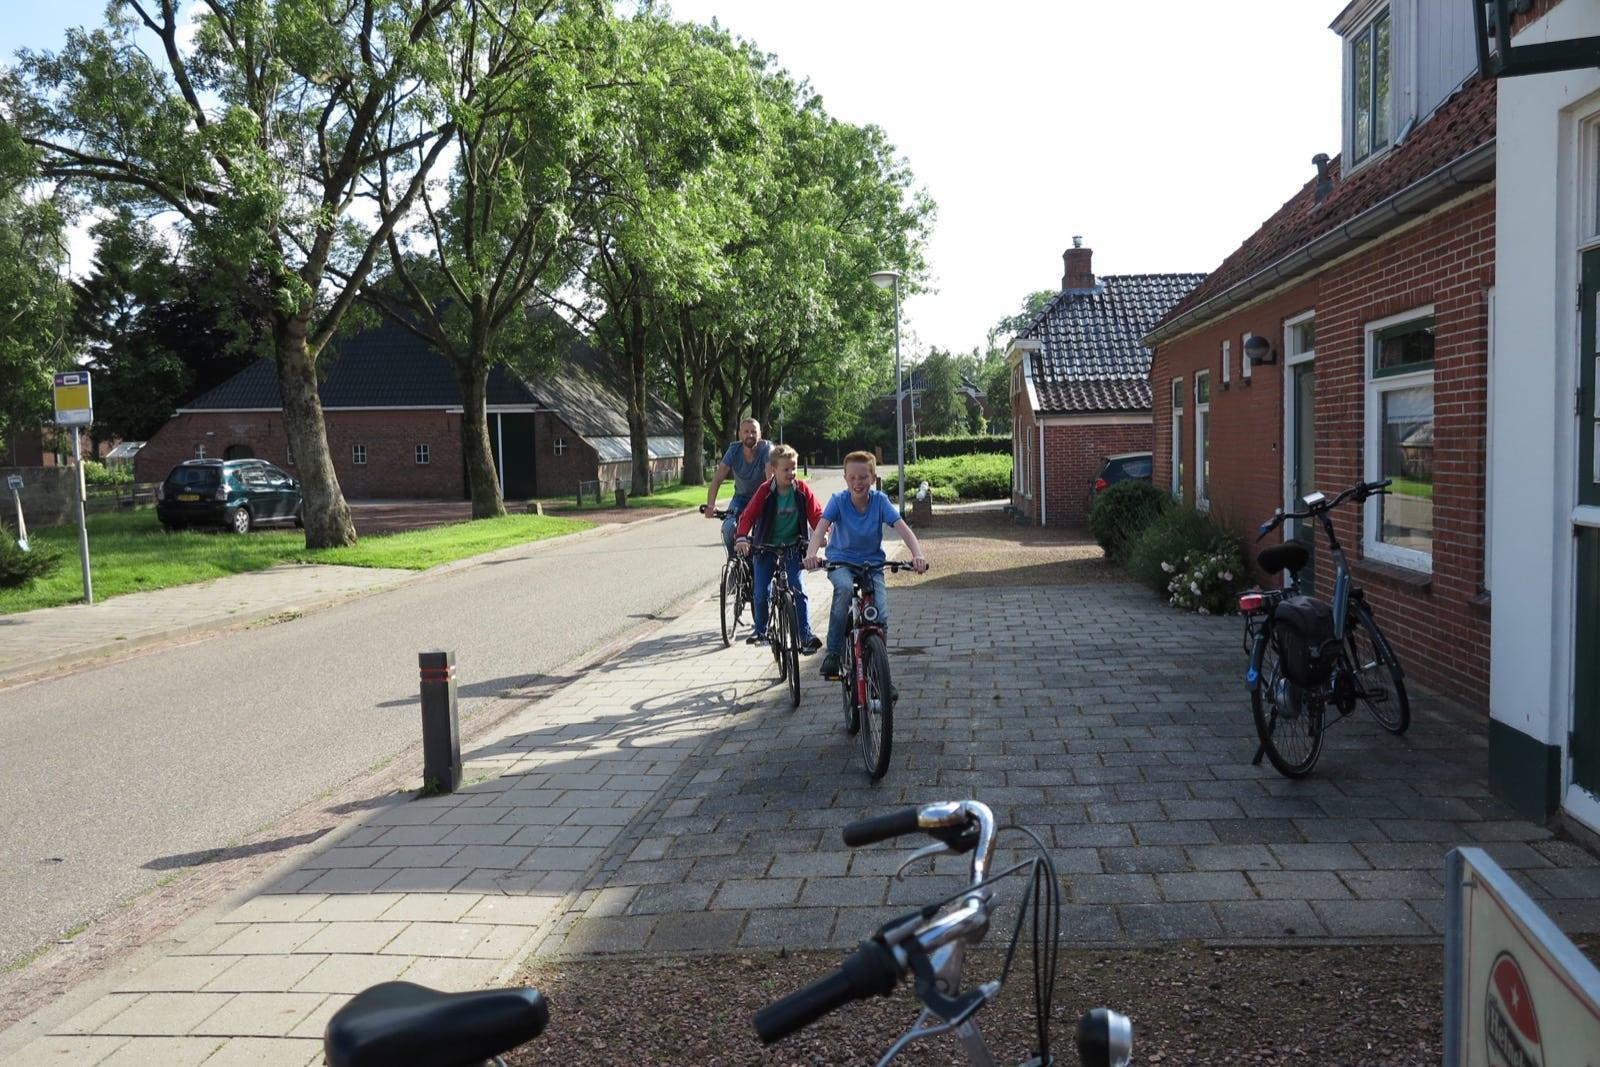 et-fiets-en-fietser-46-thesinger-fietstocht-fam.-johan-oomkes-oi.jpg